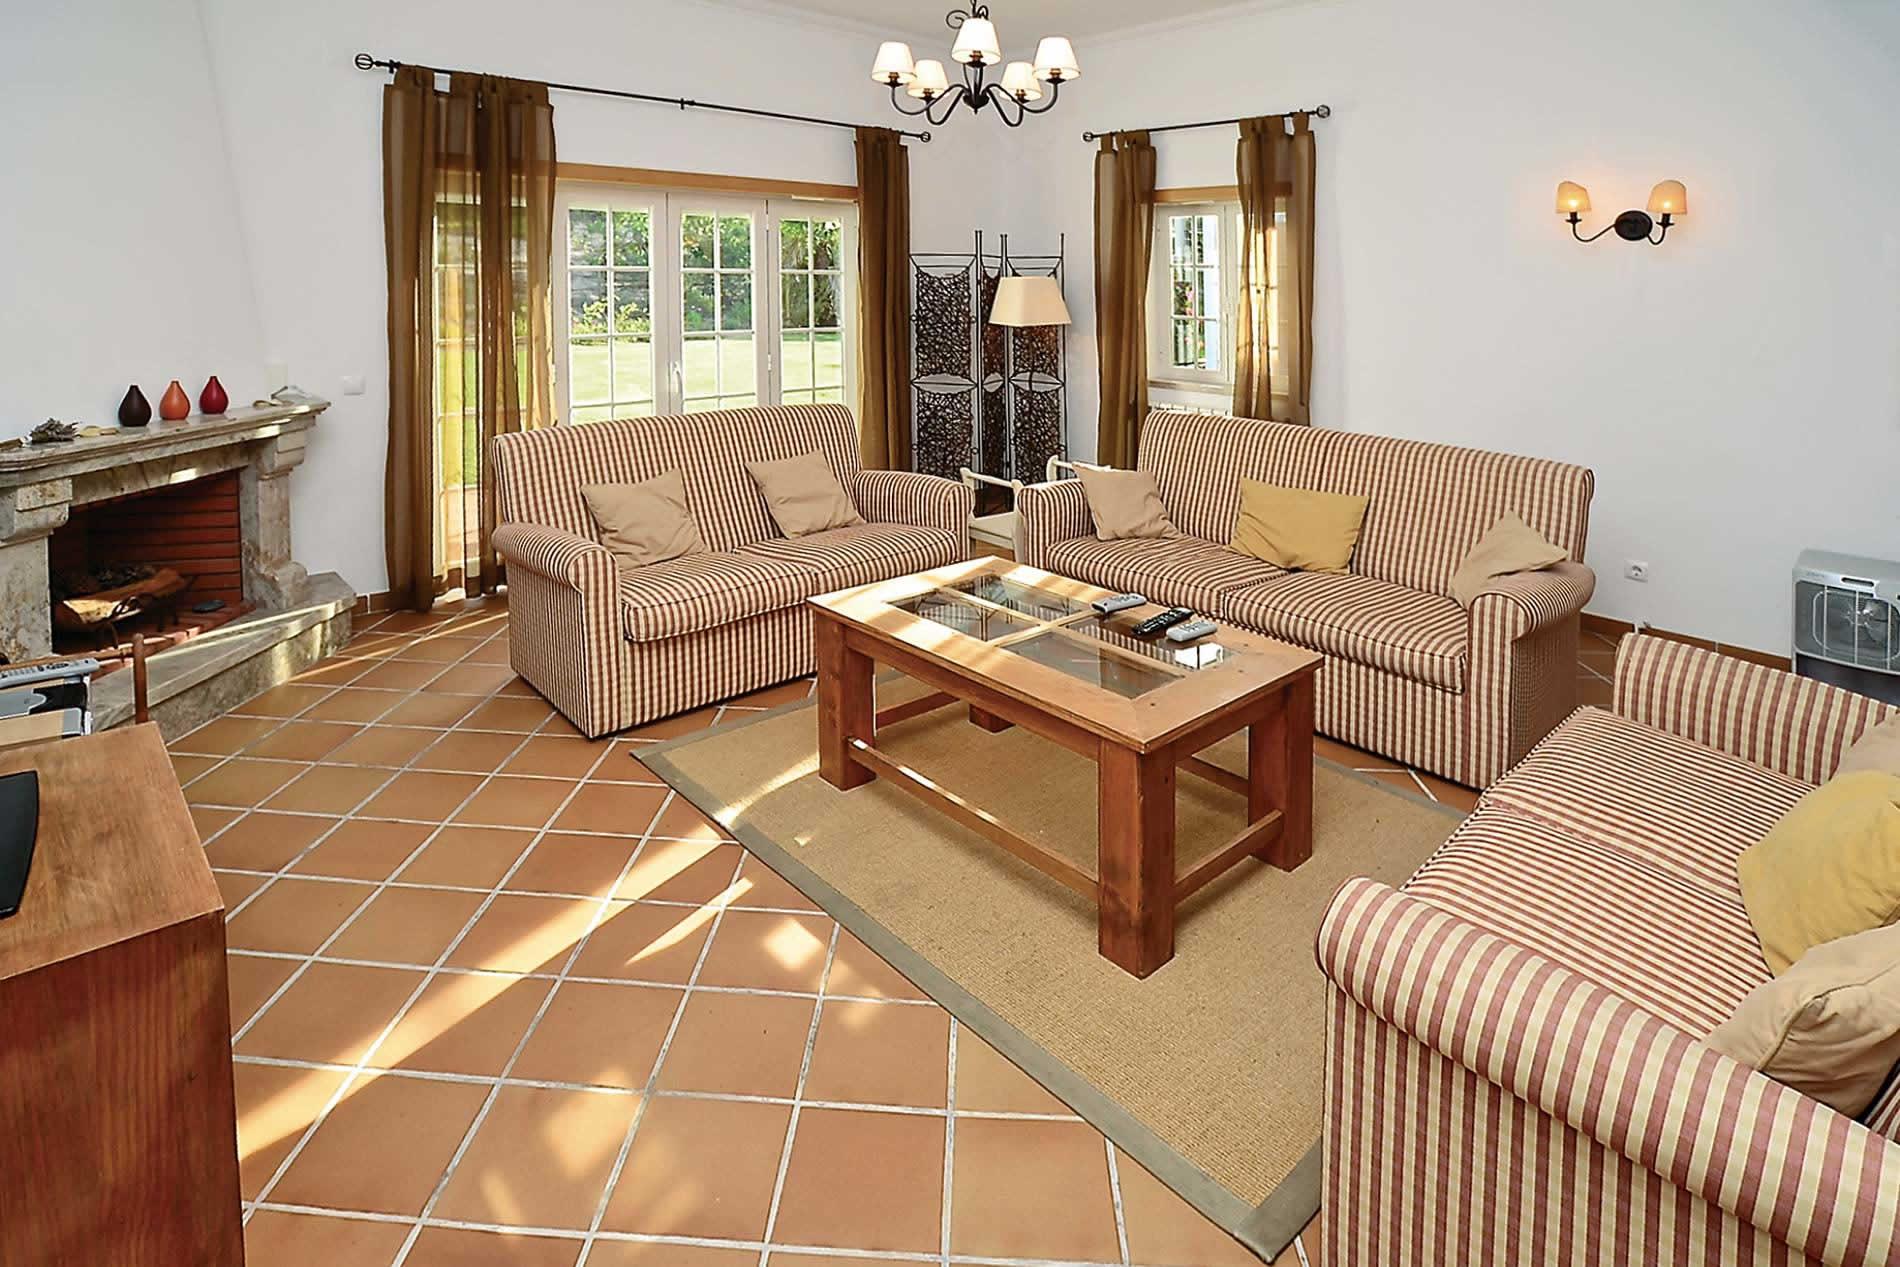 Townhouse Casa Ari in Praia D'el Rey Golf & Beach Resort - sleeps 6 people